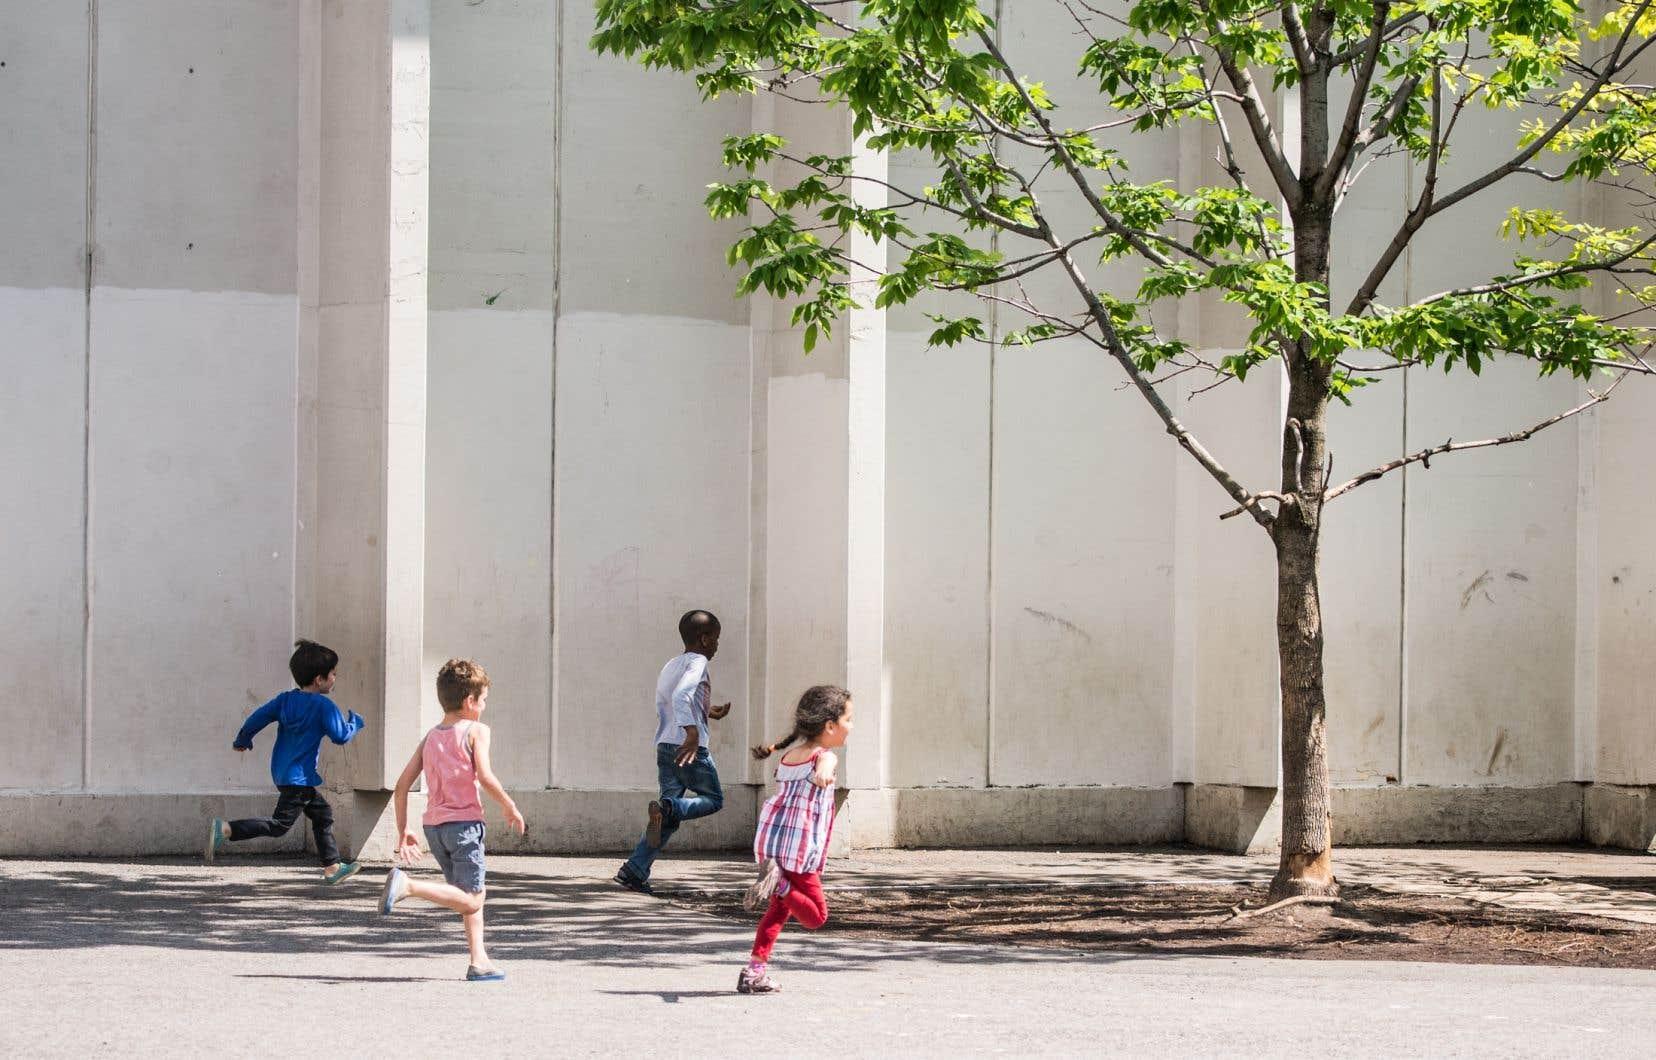 Selon l'avis publié sur les portails Web des commissions scolaires visées, chaque parent recevrait de 28,49$ par élève par année scolaire couverte par le recours.